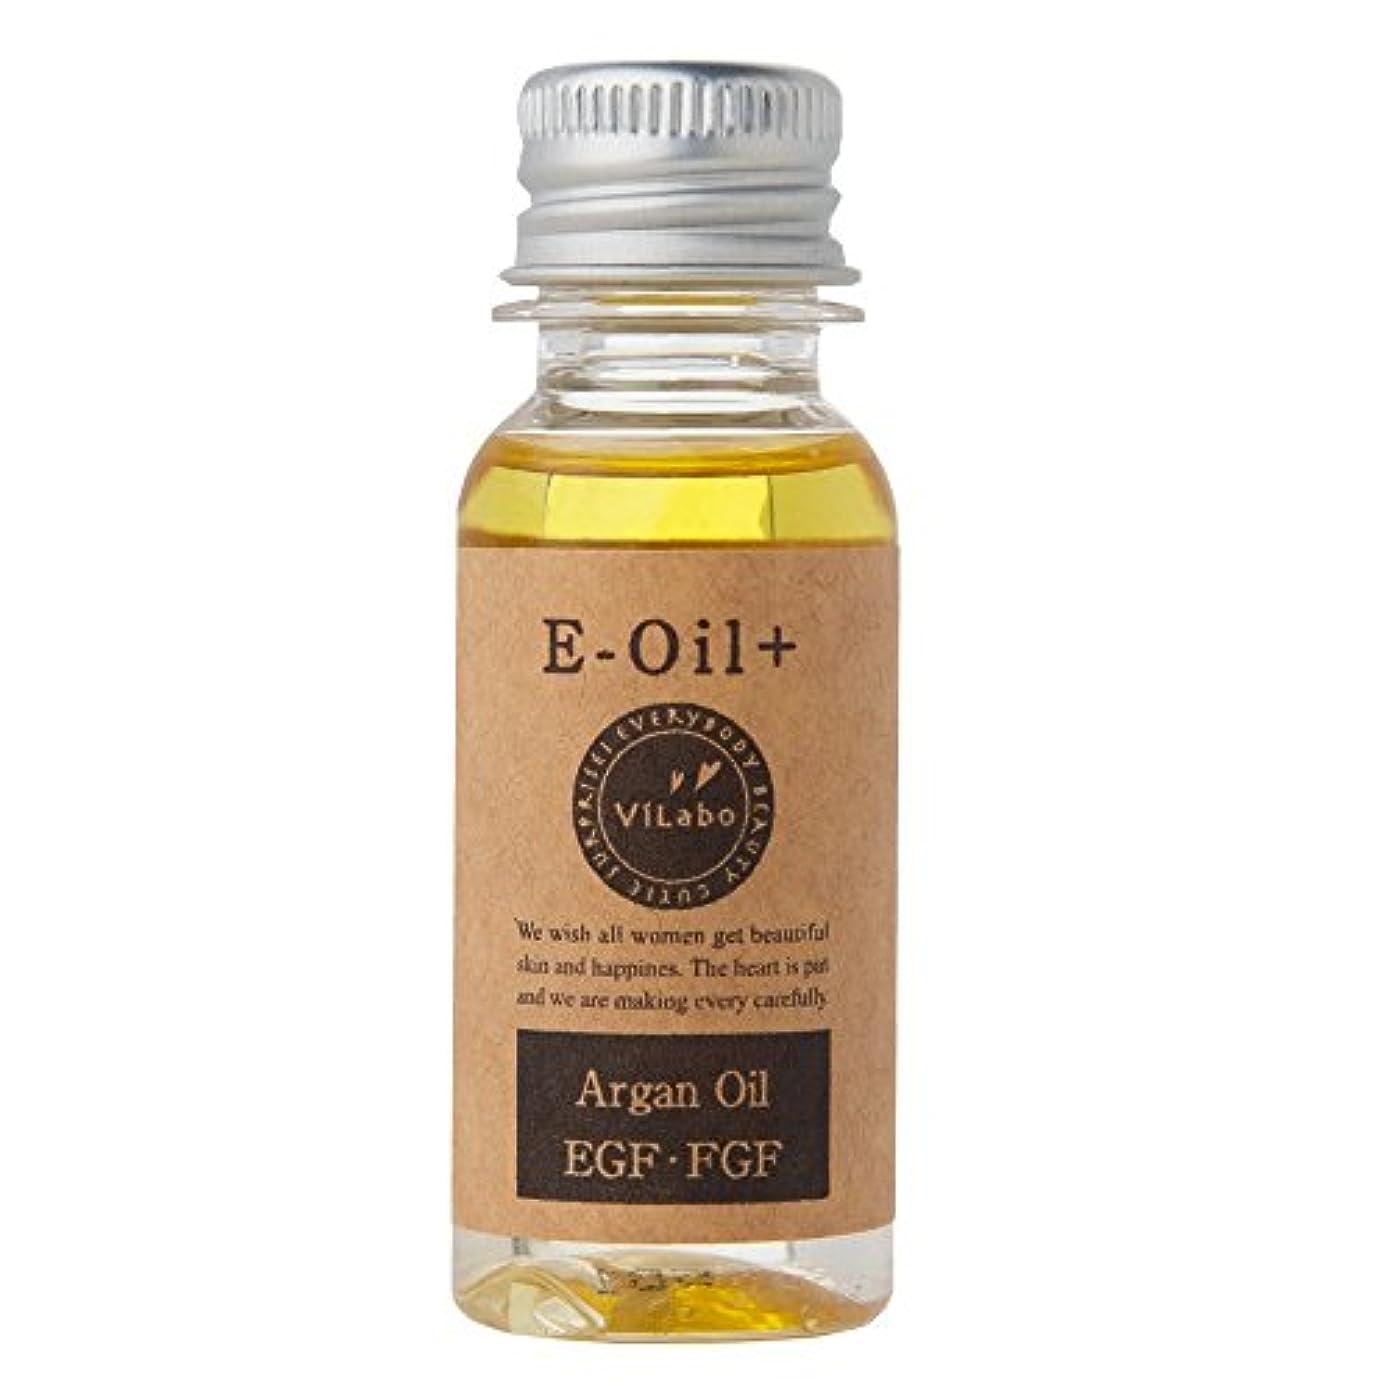 ゆるい雲不正直オーガニックアルガン+EGF?FGF原液30ml/E-Oil+(イーオイルプラス)AR/ オーガニック アルガンオイル 100%